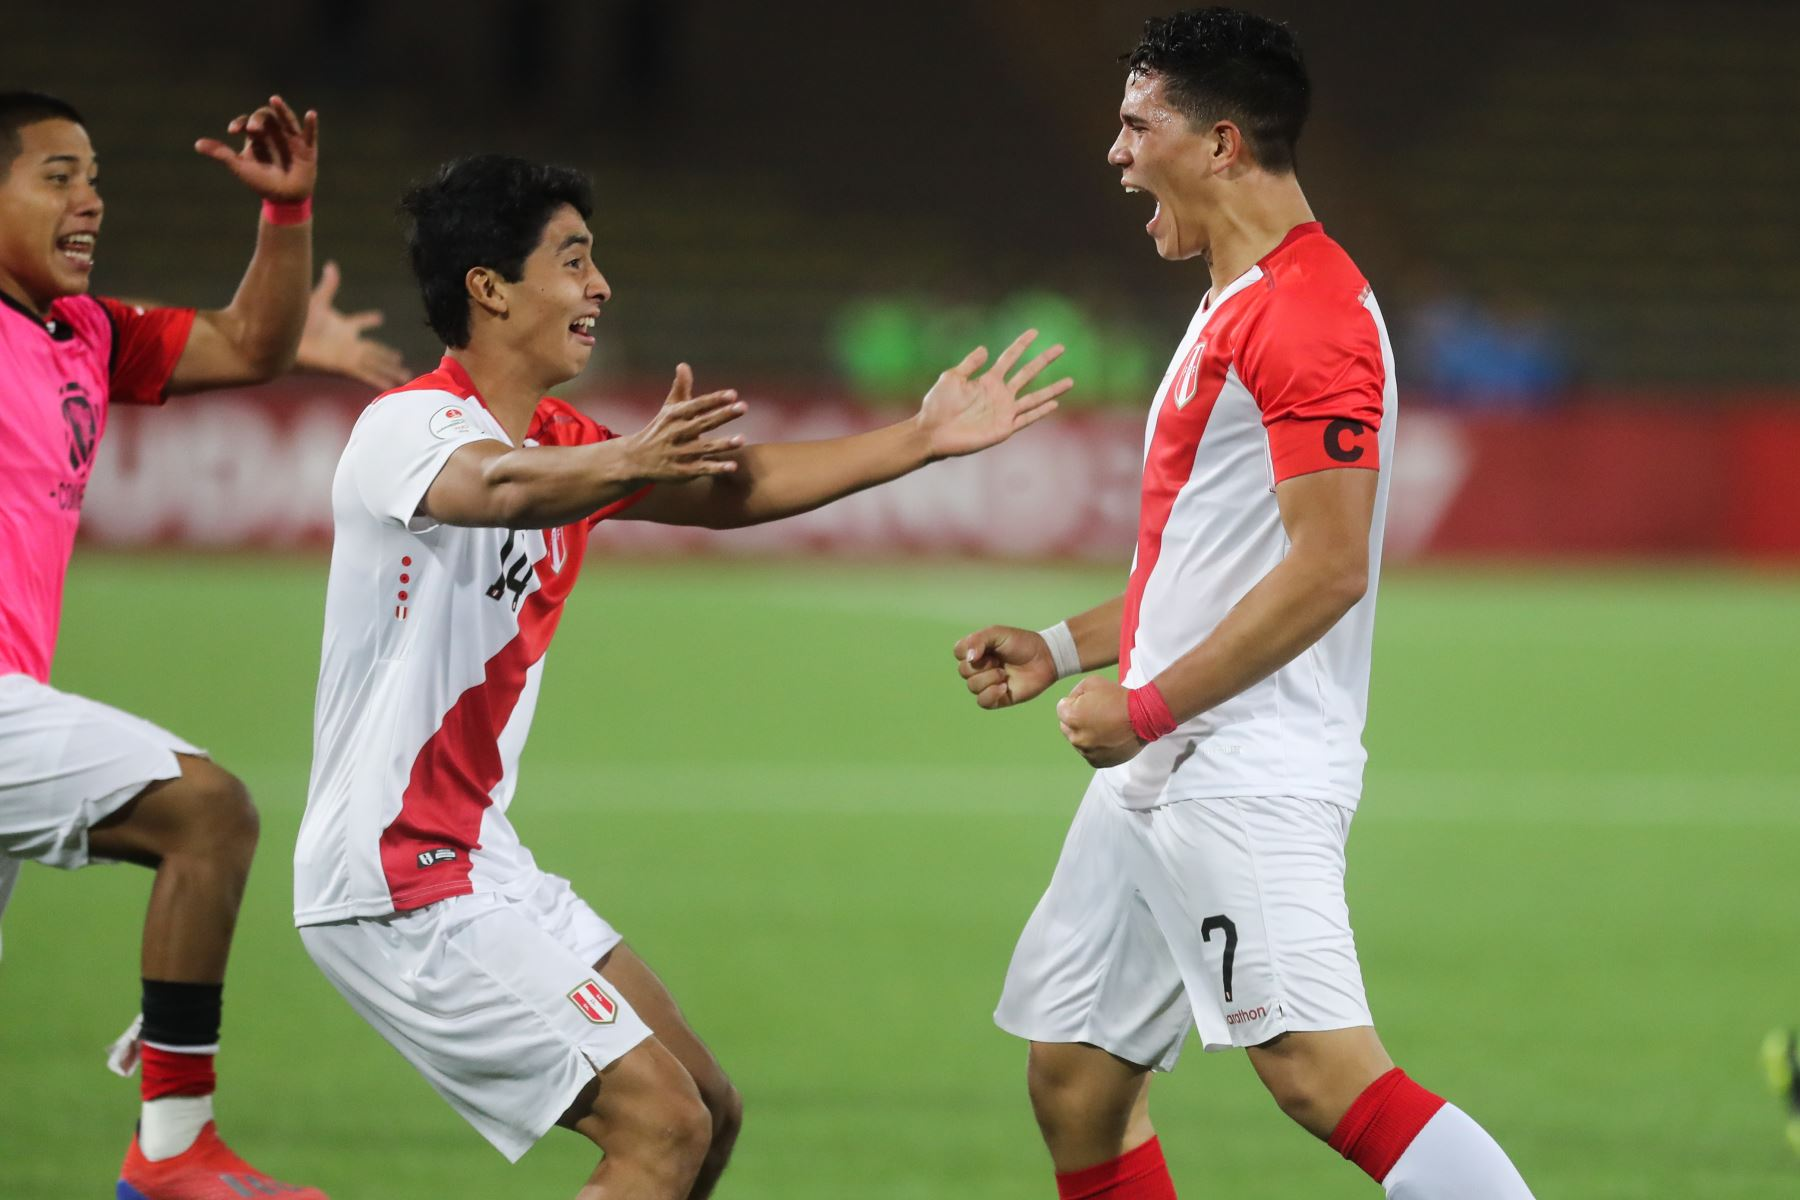 Perú derrotó por 3-2 a Uruguay con dos goles de Manuel Pinto y uno de Daniel Llontop.  Foto: ANDINA/Juan Carlos Guzmán Negrini